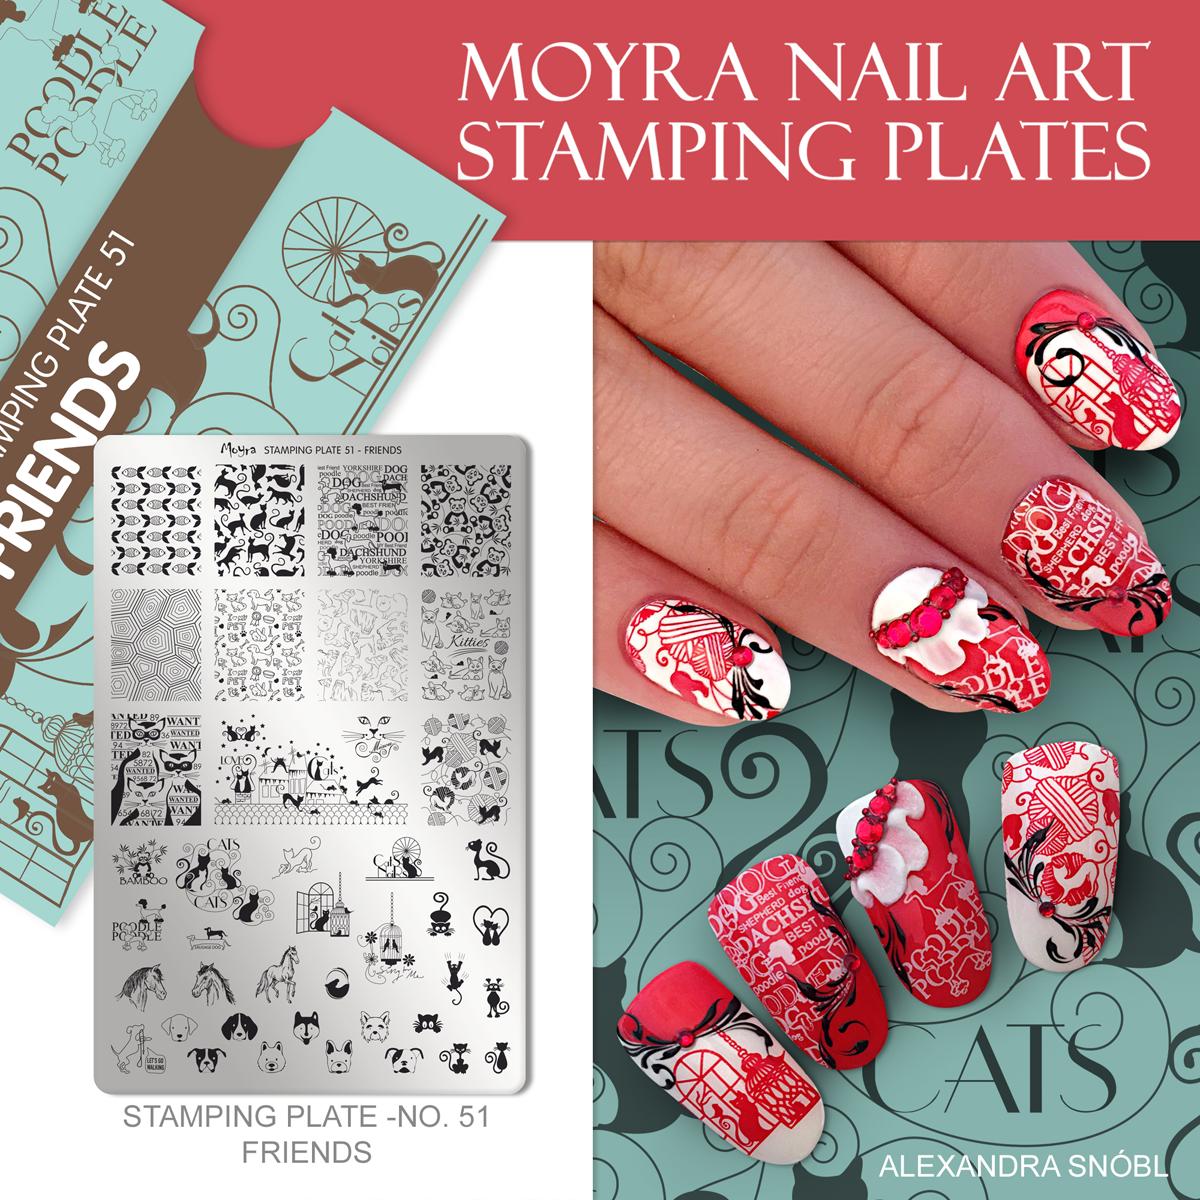 Moyra Nail Art Stamping Plate No. 51 Friends